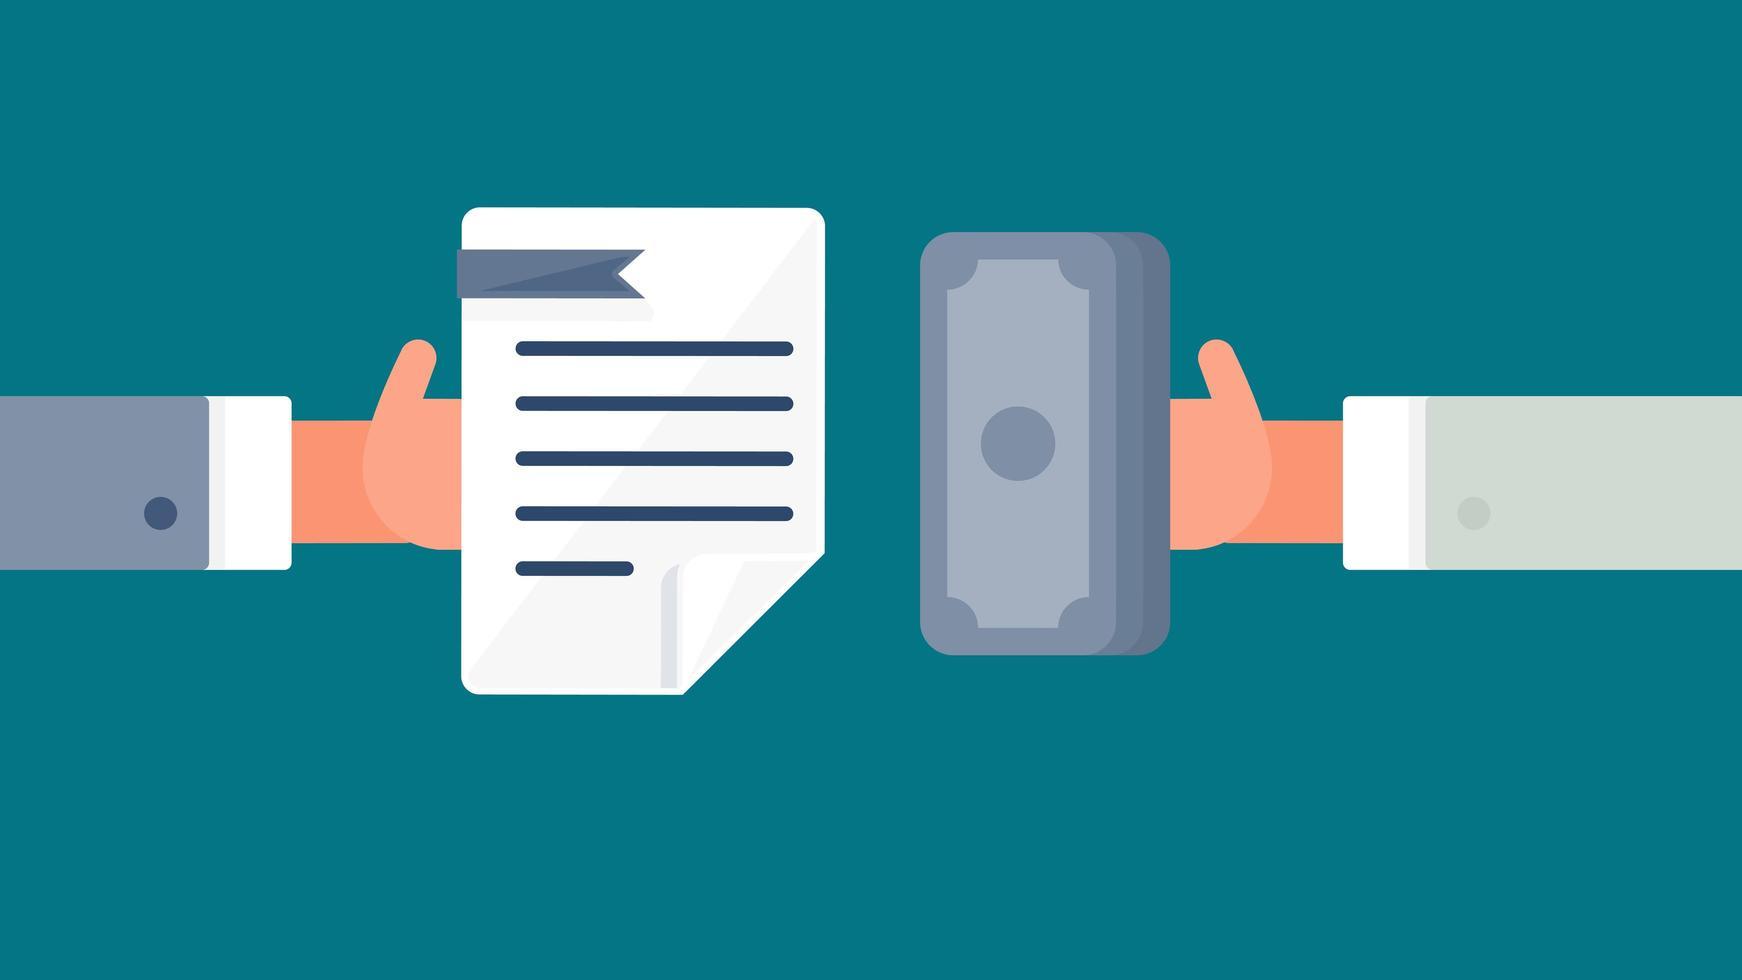 símbolo de pagamento e documento vetor